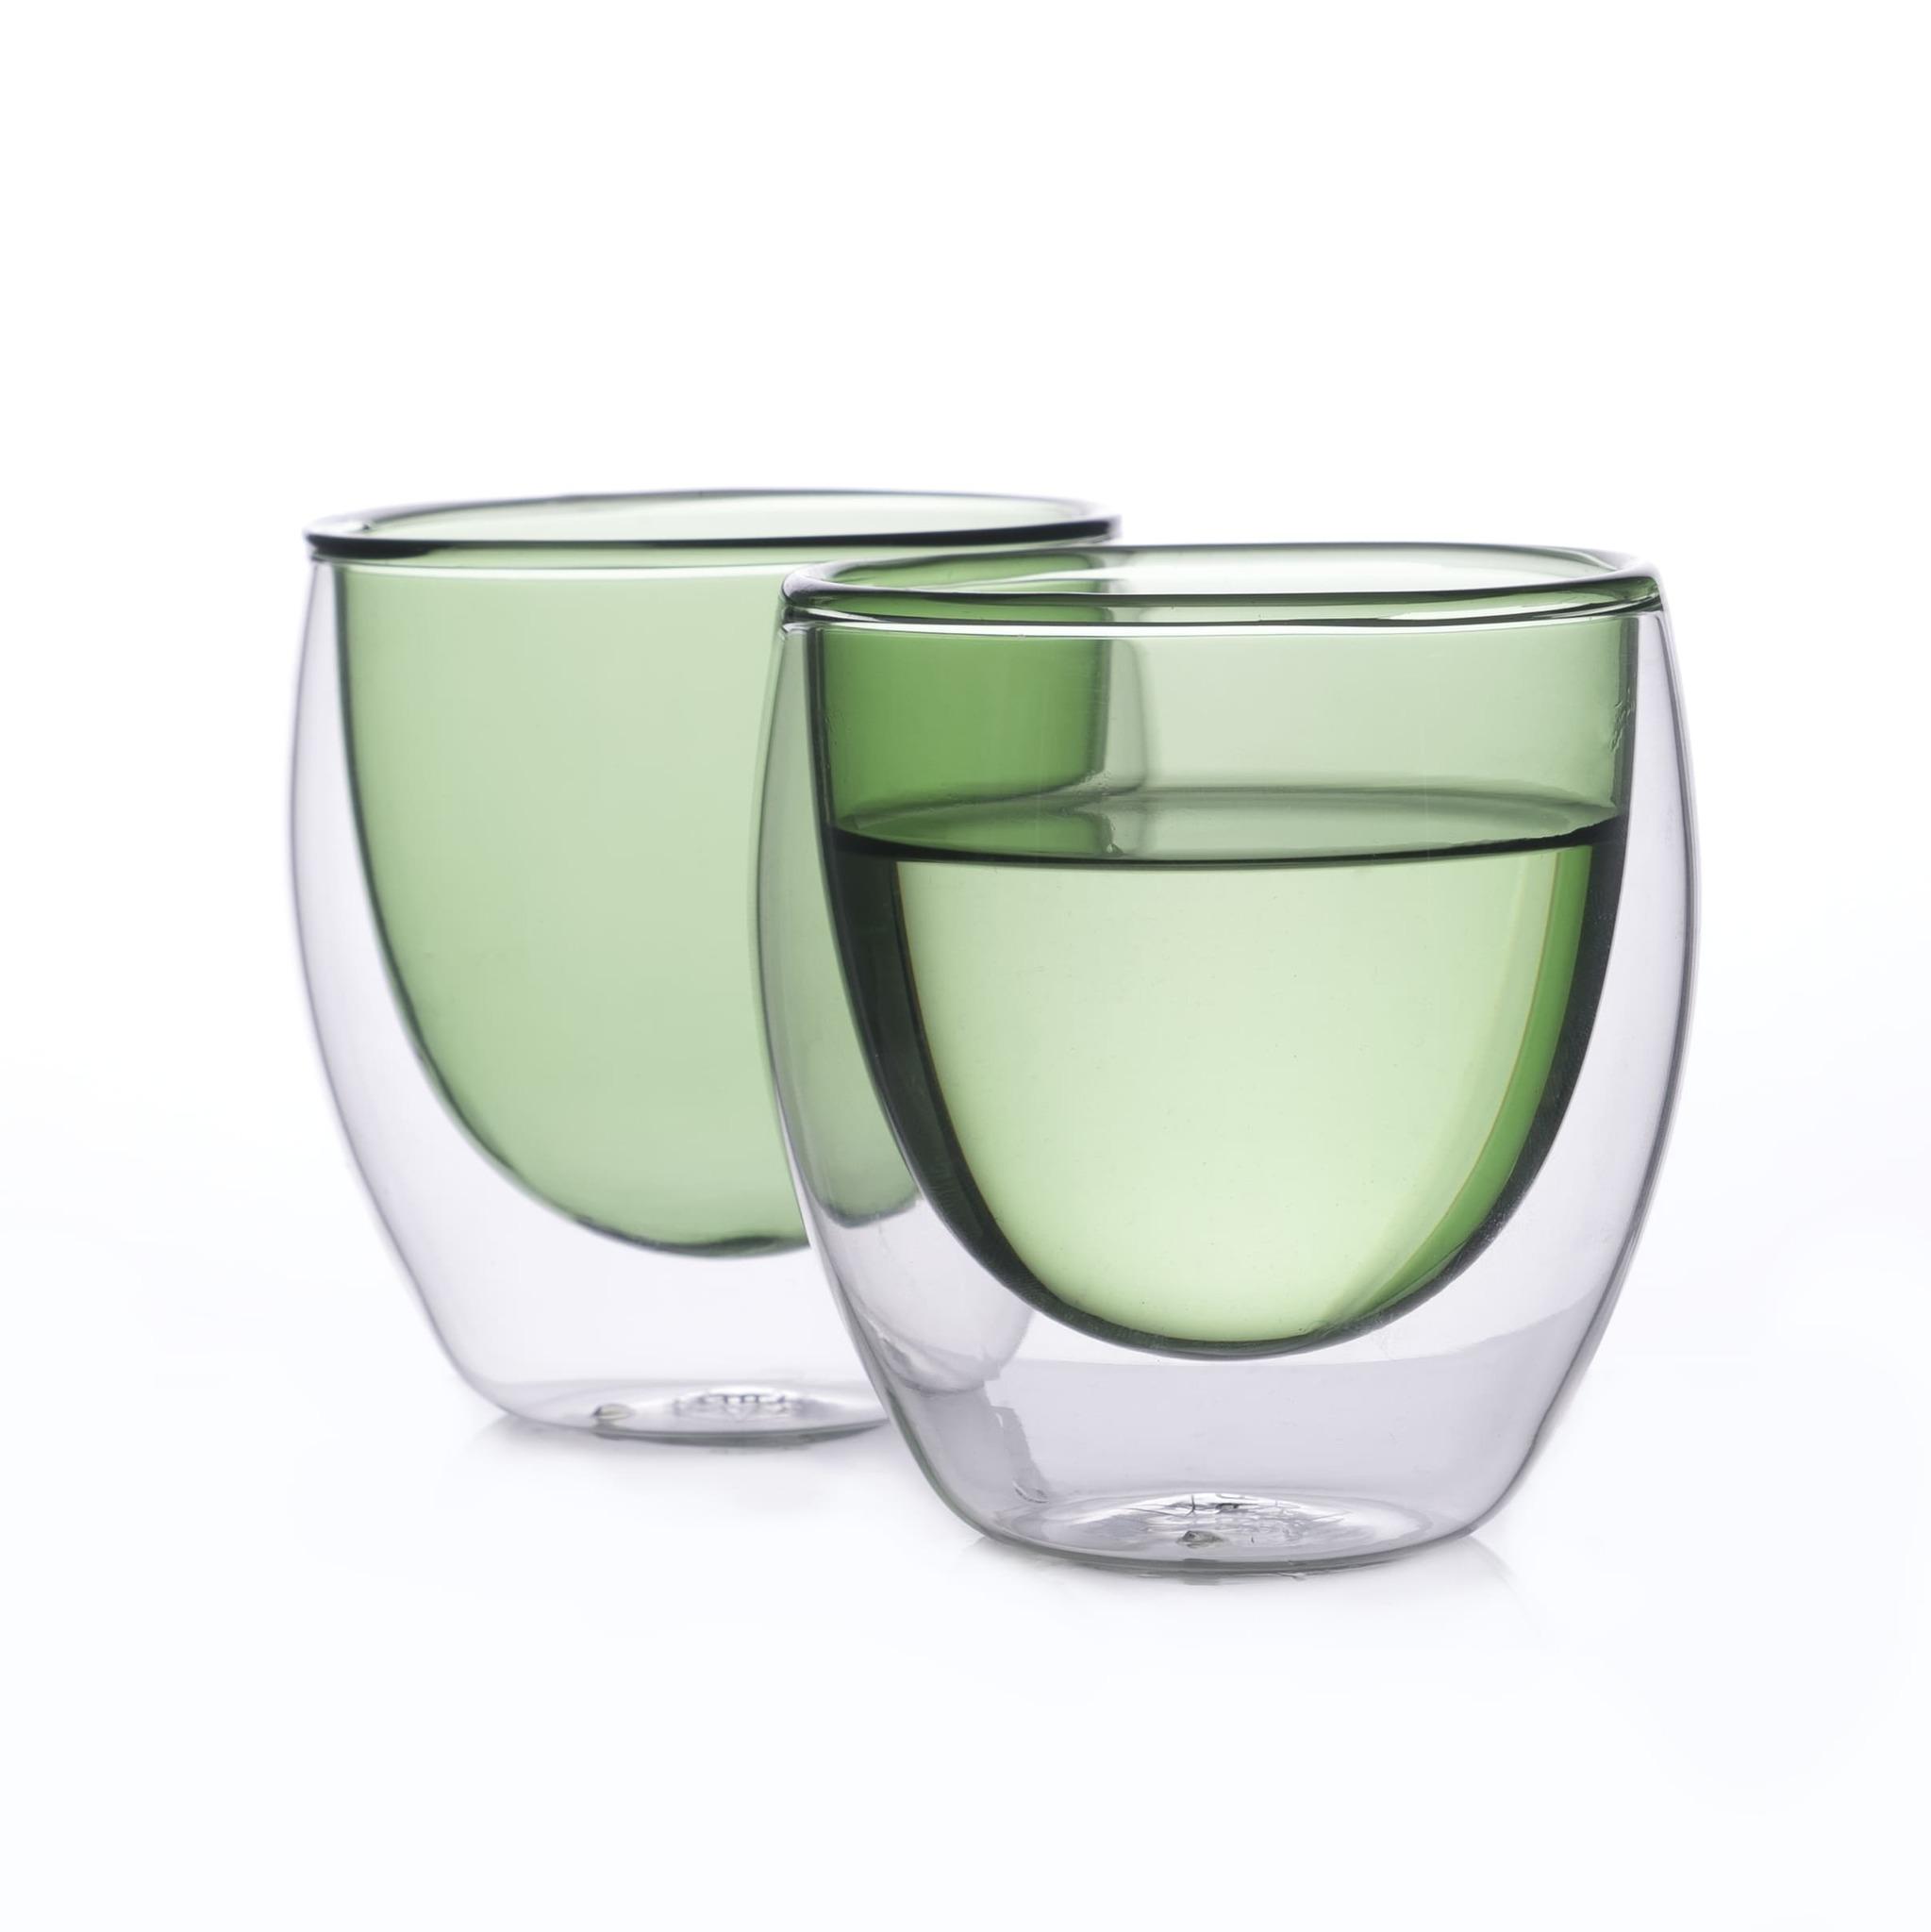 Цветные стаканы и кружки Набор стаканов из двойного стекла зеленого цвета 250мл, 2 шт. зеленый3.jpg